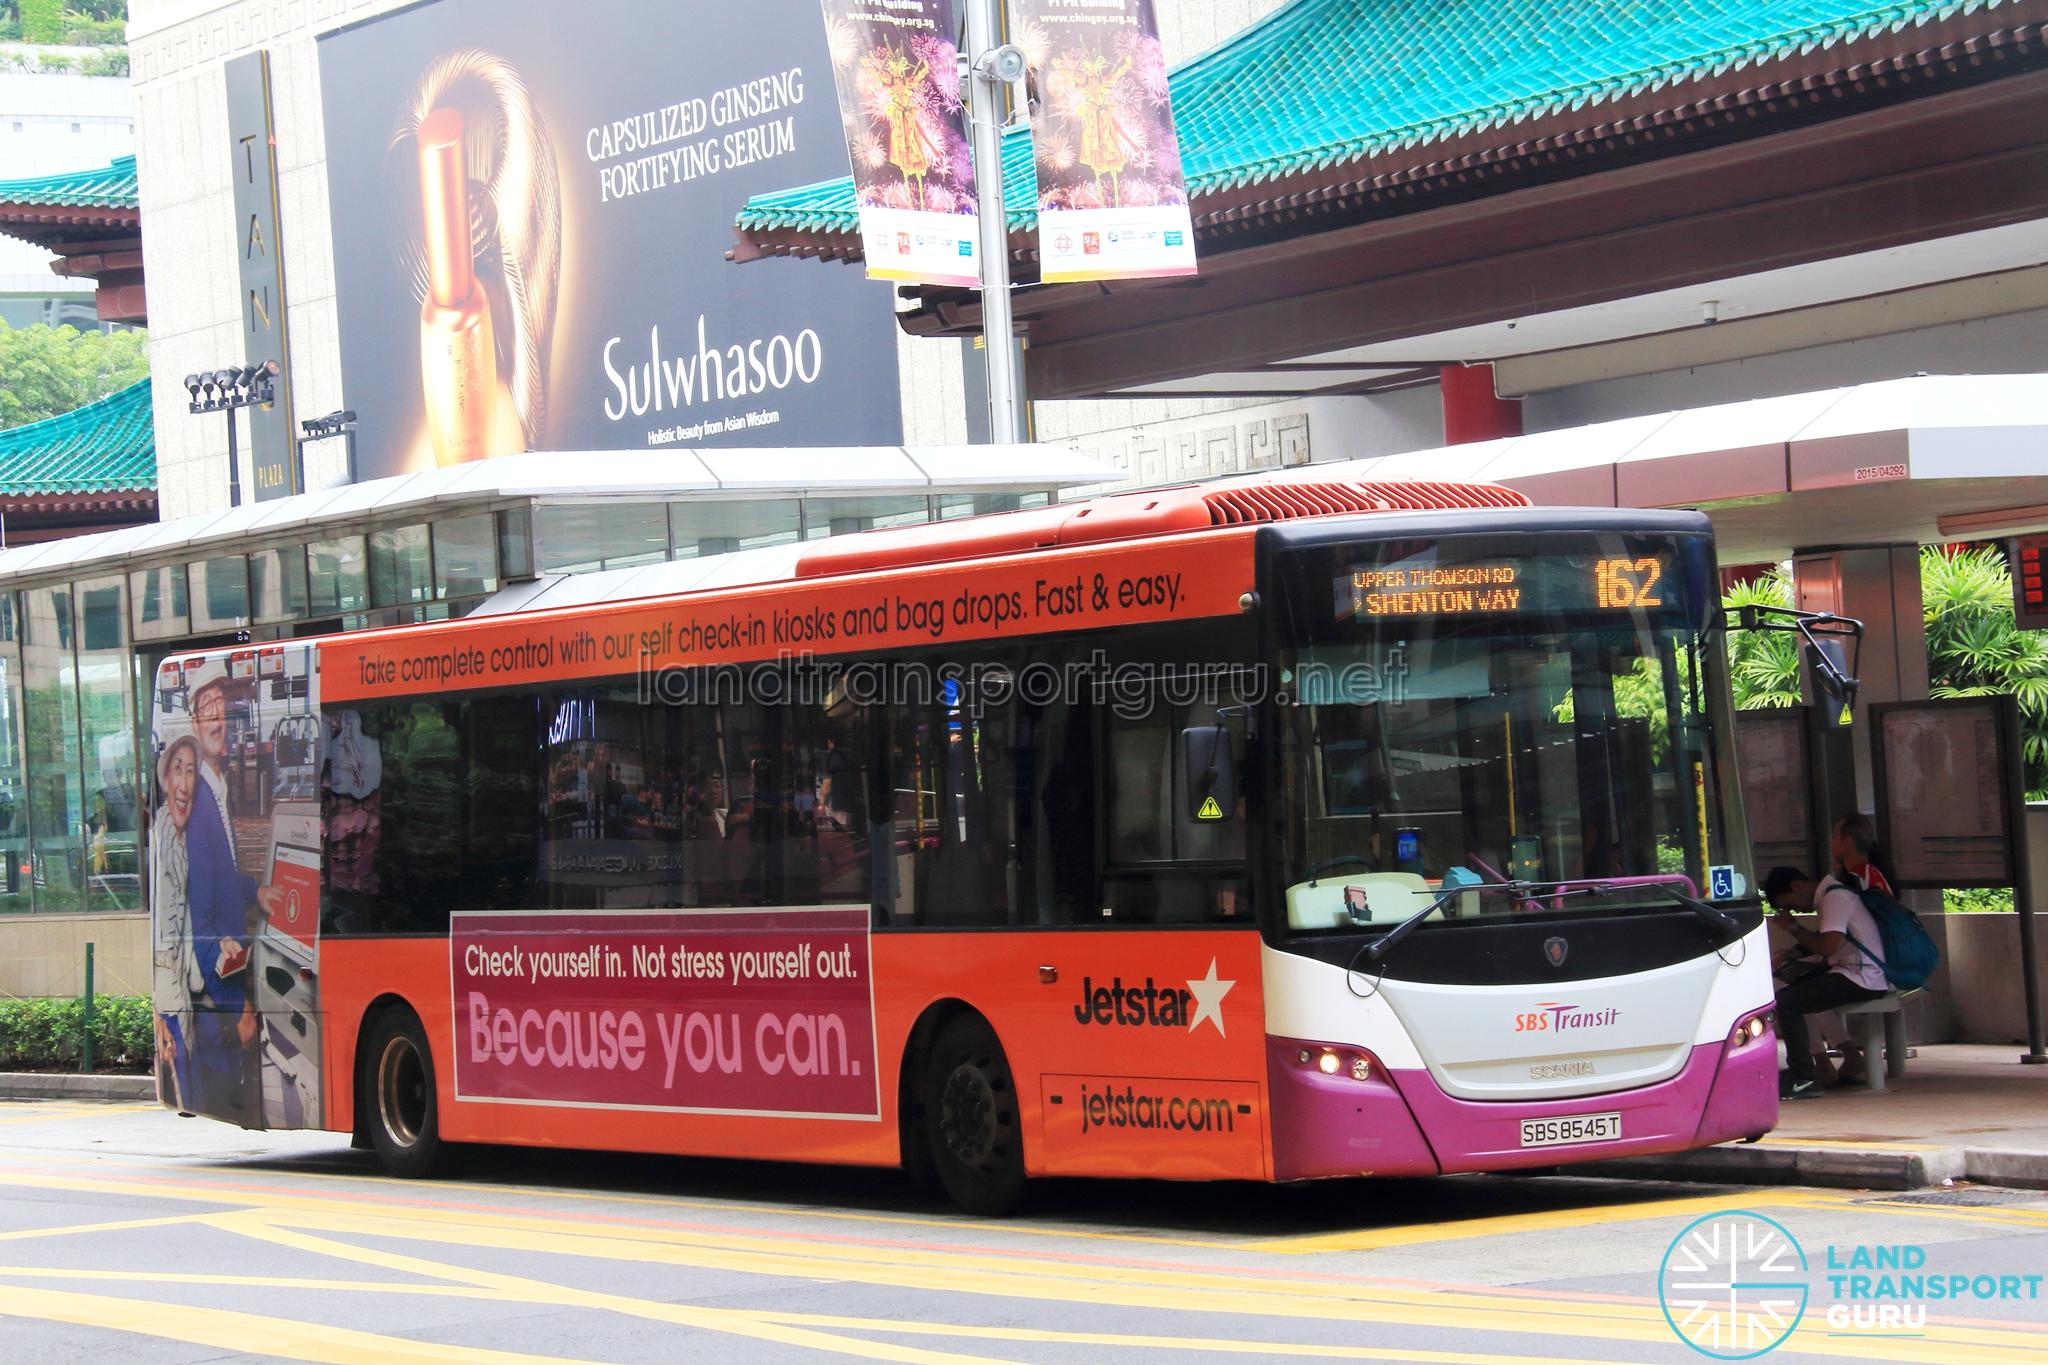 sbs transit bus service 162 / 162m | land transport guru